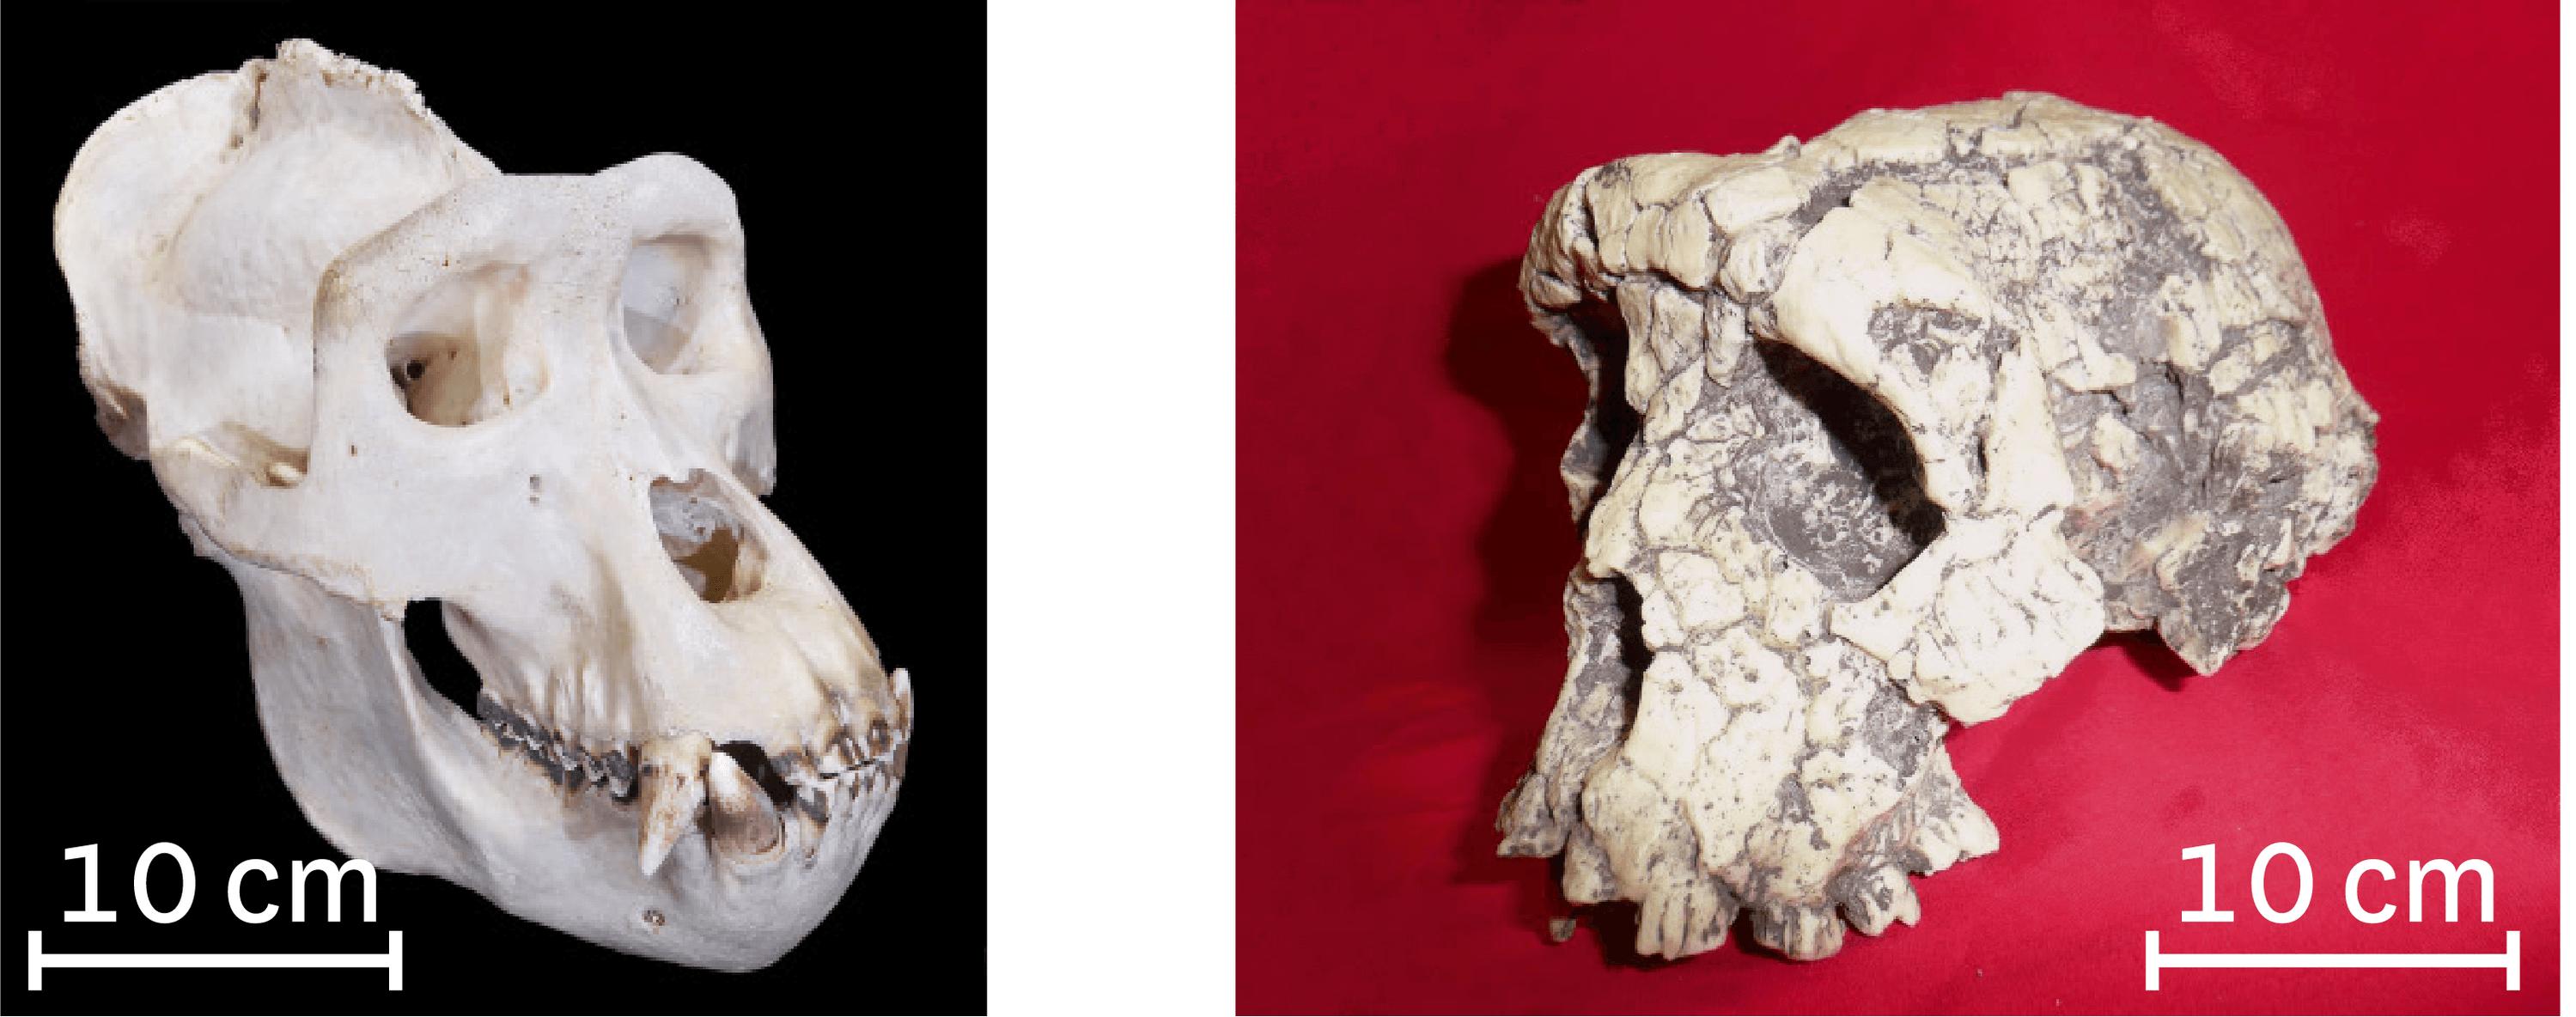 Comparaison du crâne d'un gorille (à gauche) et du crâne de Toumaï (à droite).